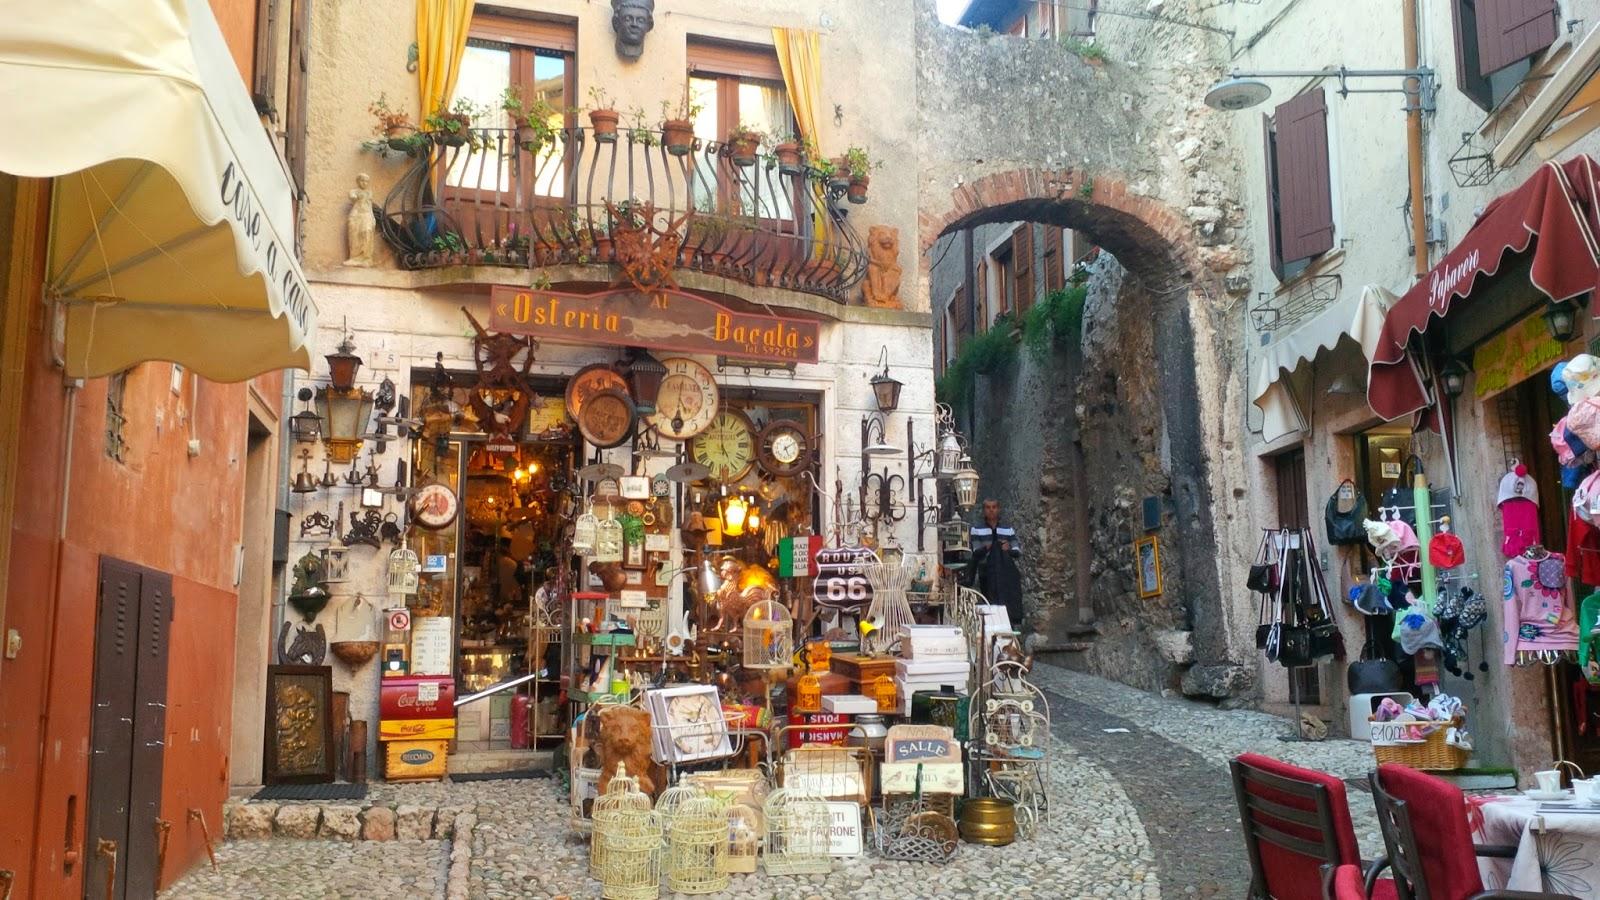 A bric-a-brack shop in Malcesine